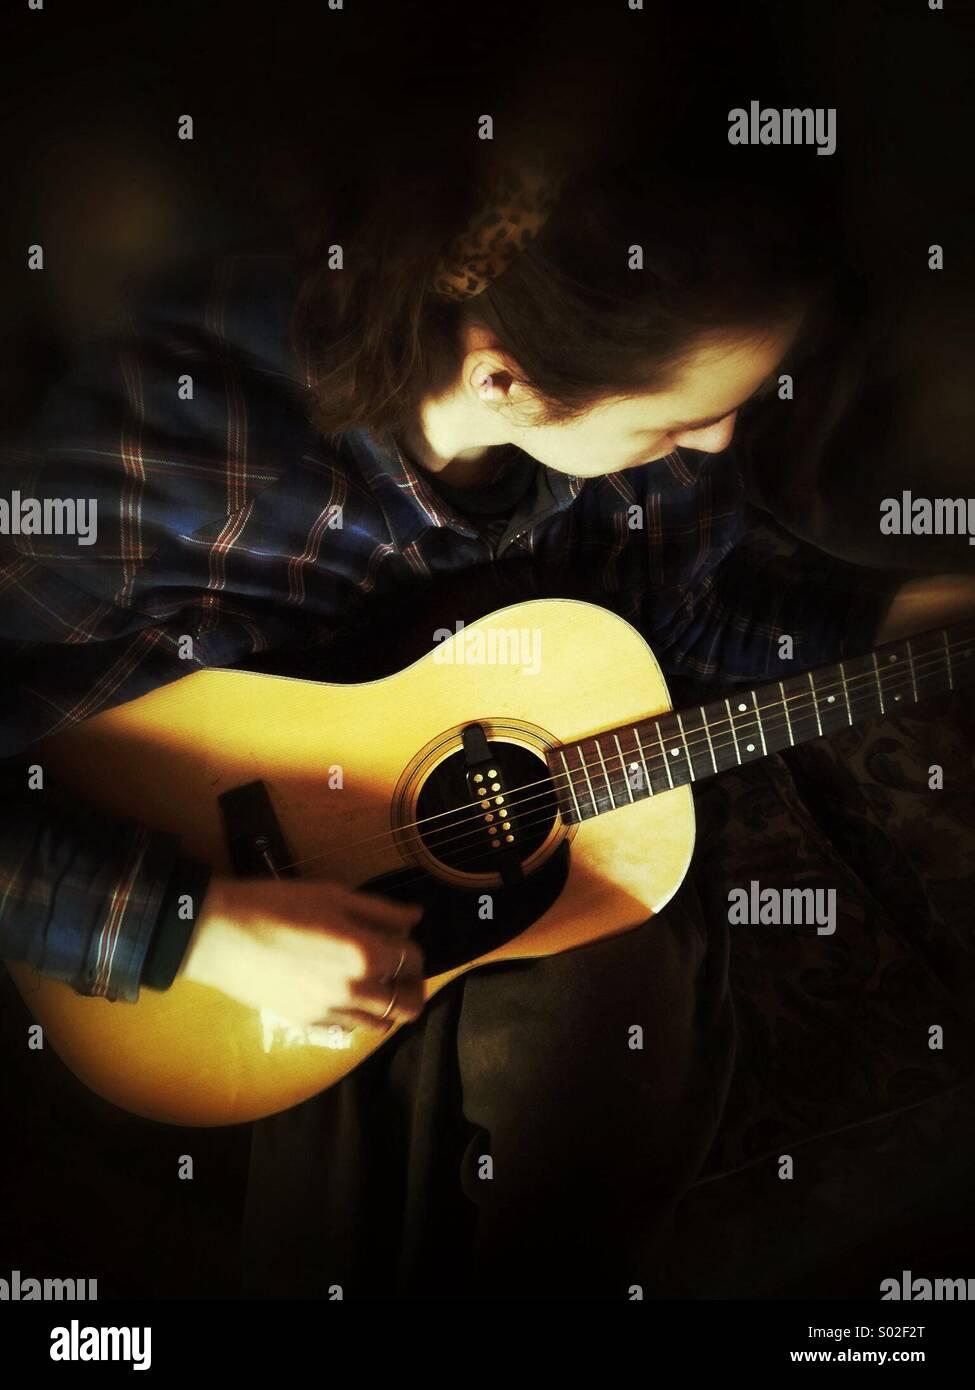 Chitarrista, giovane ragazzo giocando la chitarra acustica Foto Stock